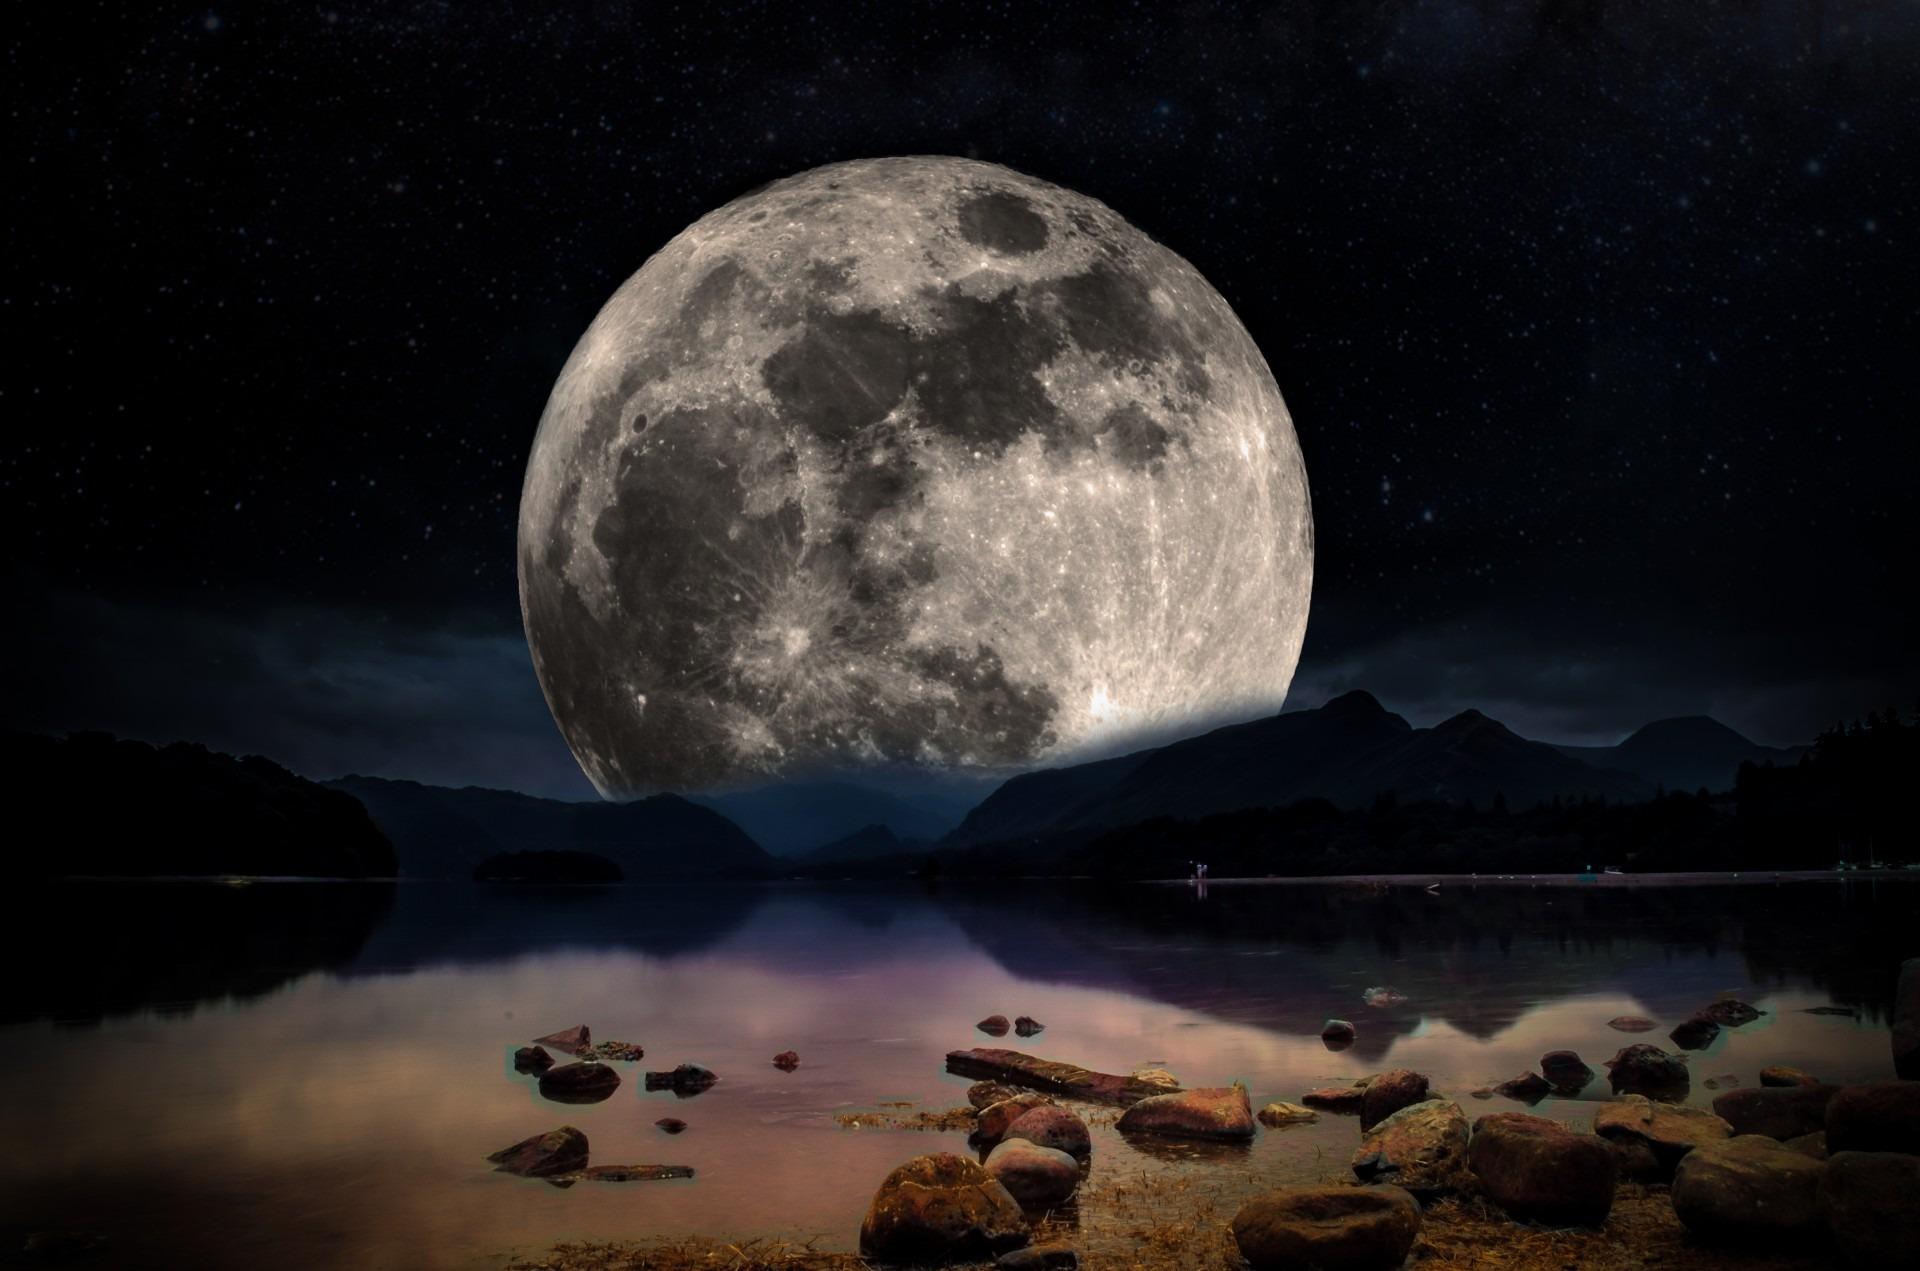 самое красивое картинка луны выбирают свой путь